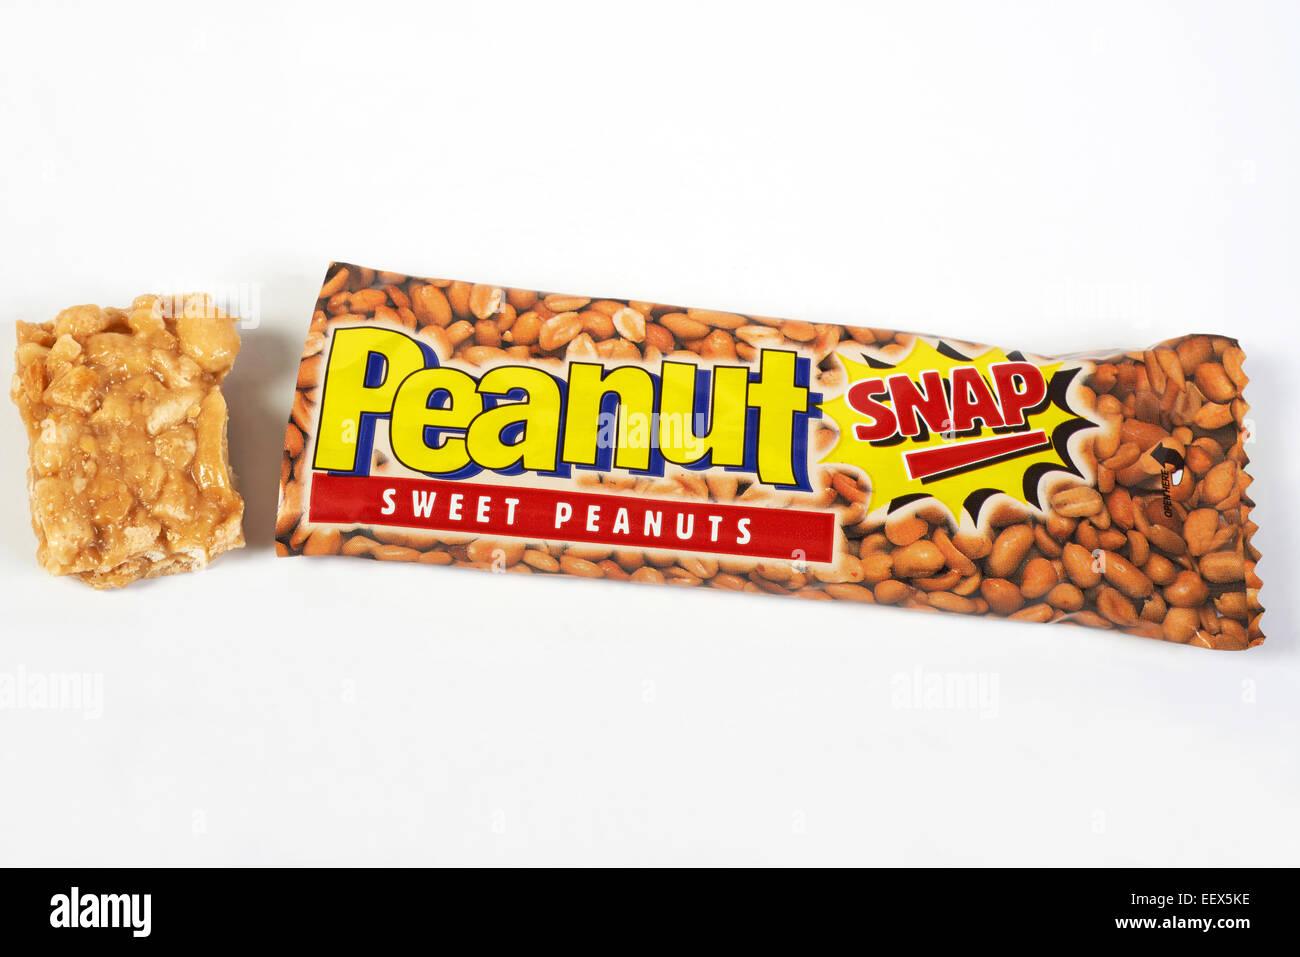 Anglo-Dal snap di arachidi noccioline dolce Immagini Stock